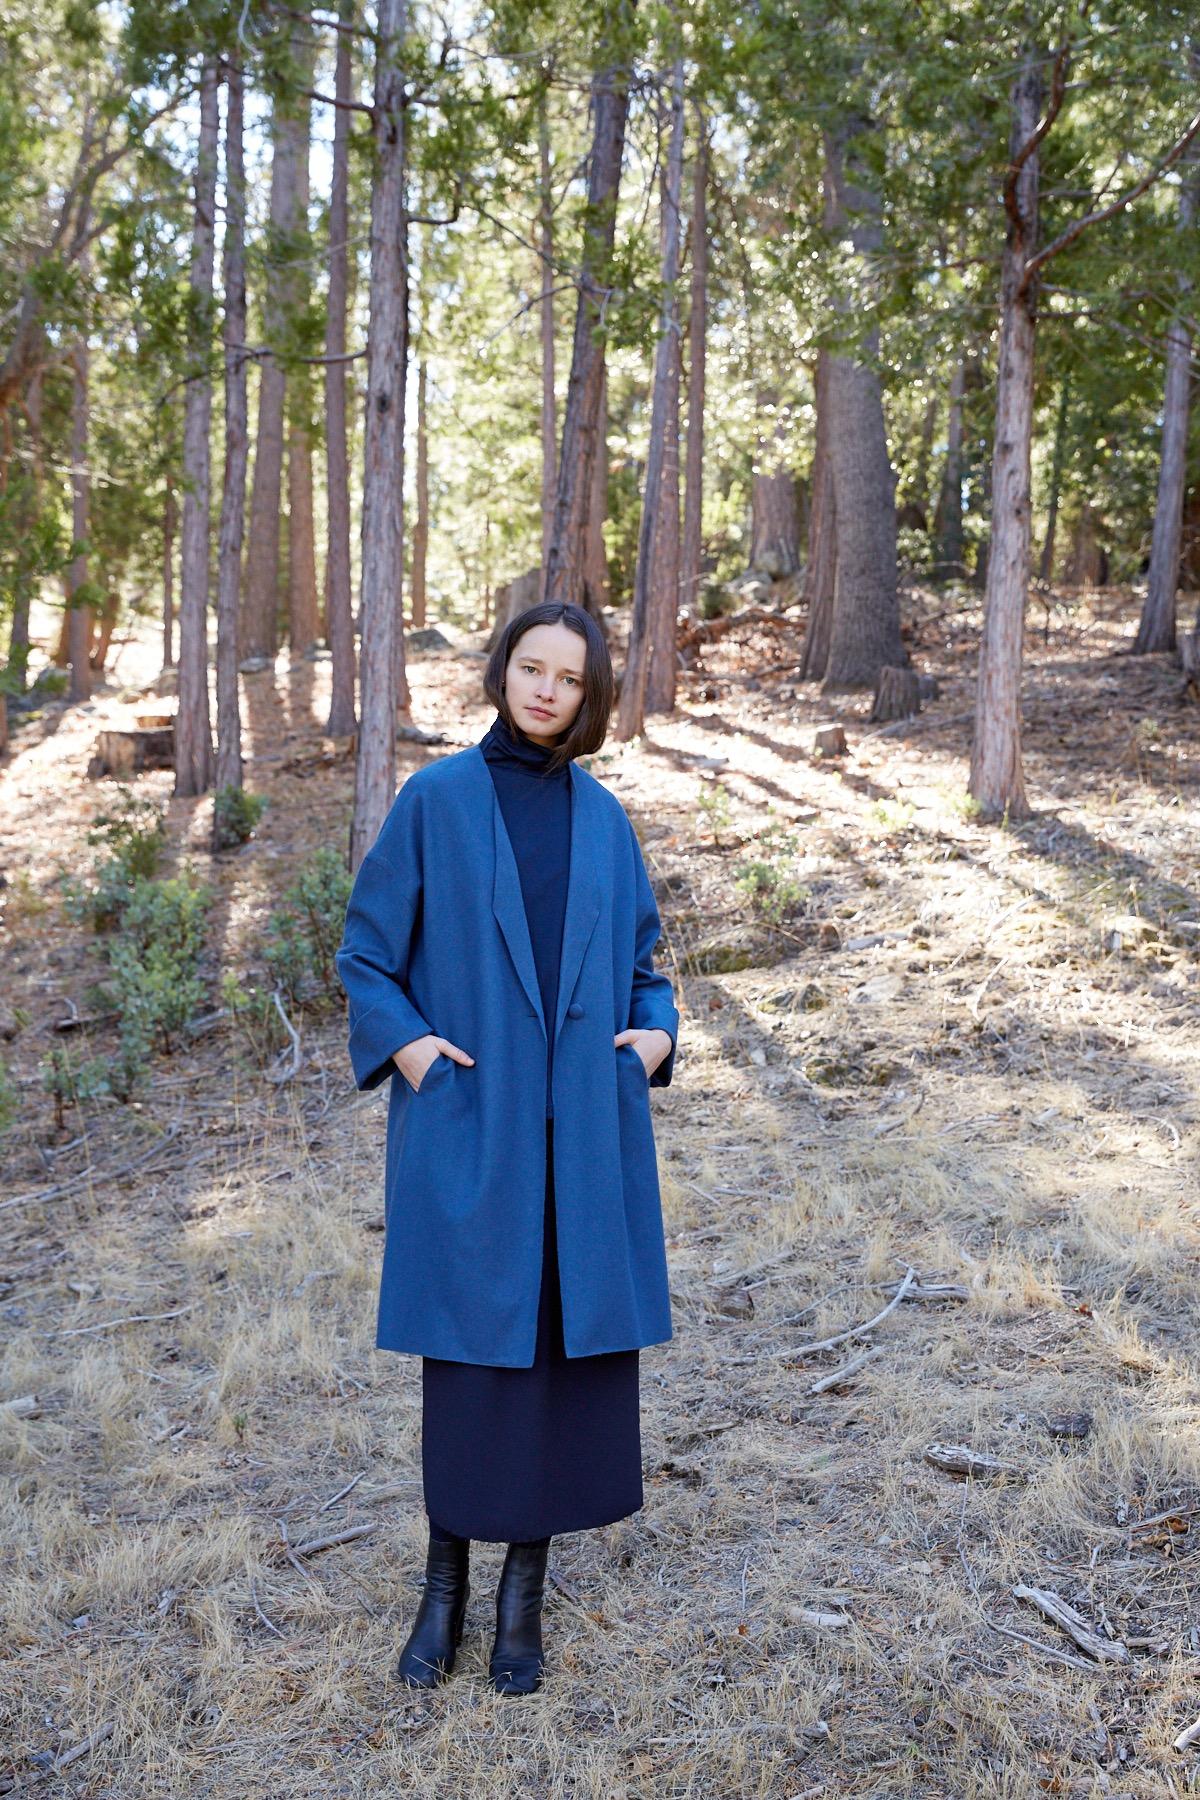 JESSE-KAMM-TRENCH-DRESS-3B1A9832JKFW18.jpg